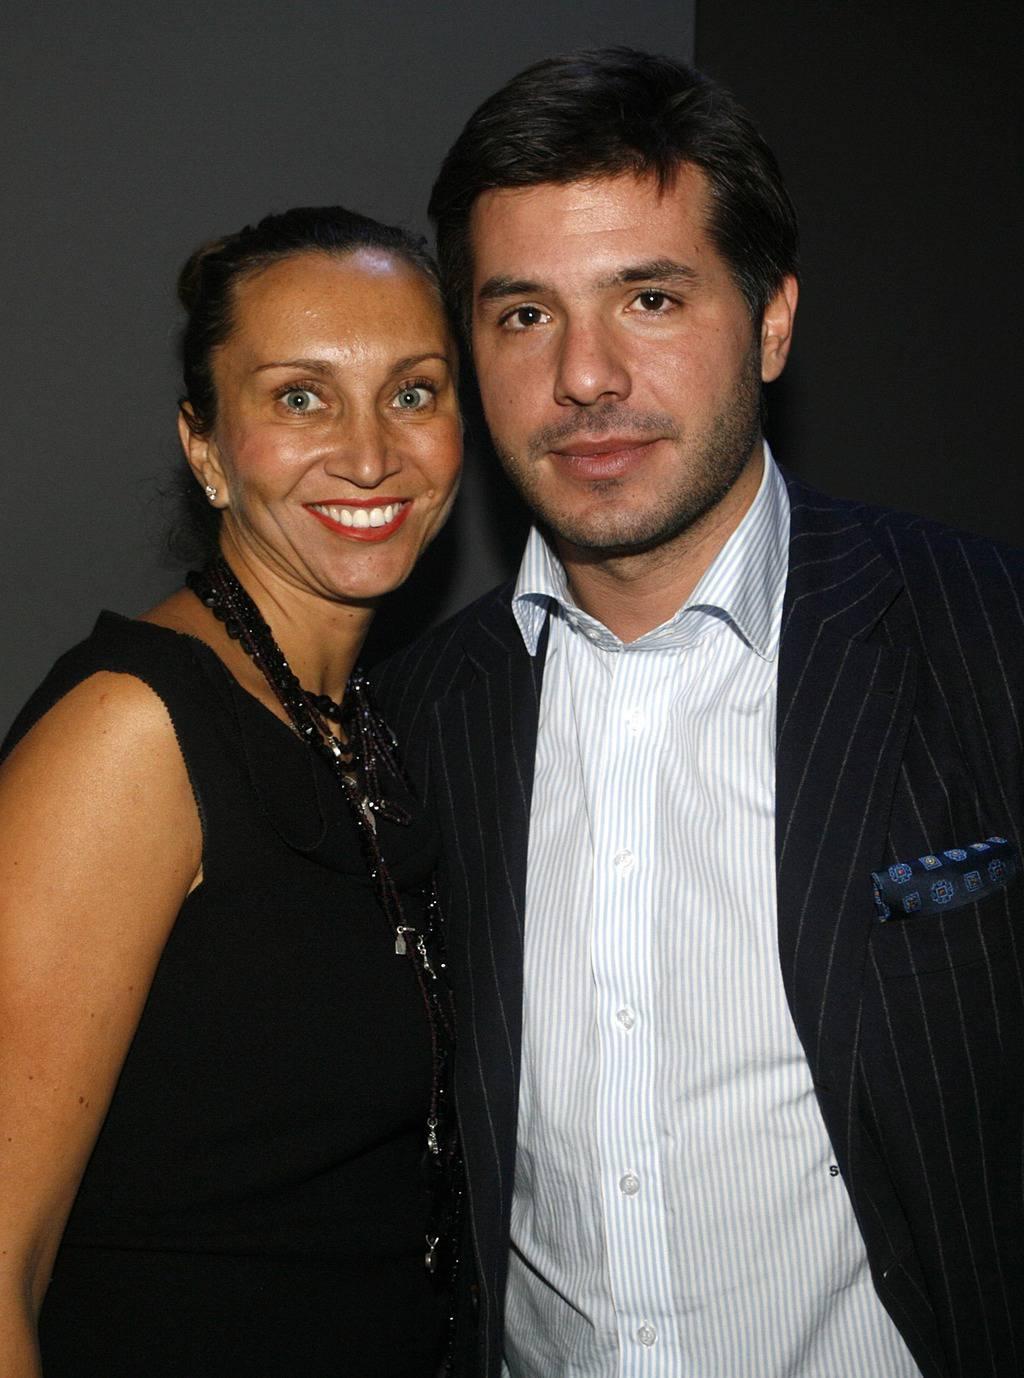 Martina Popović/Pixsell